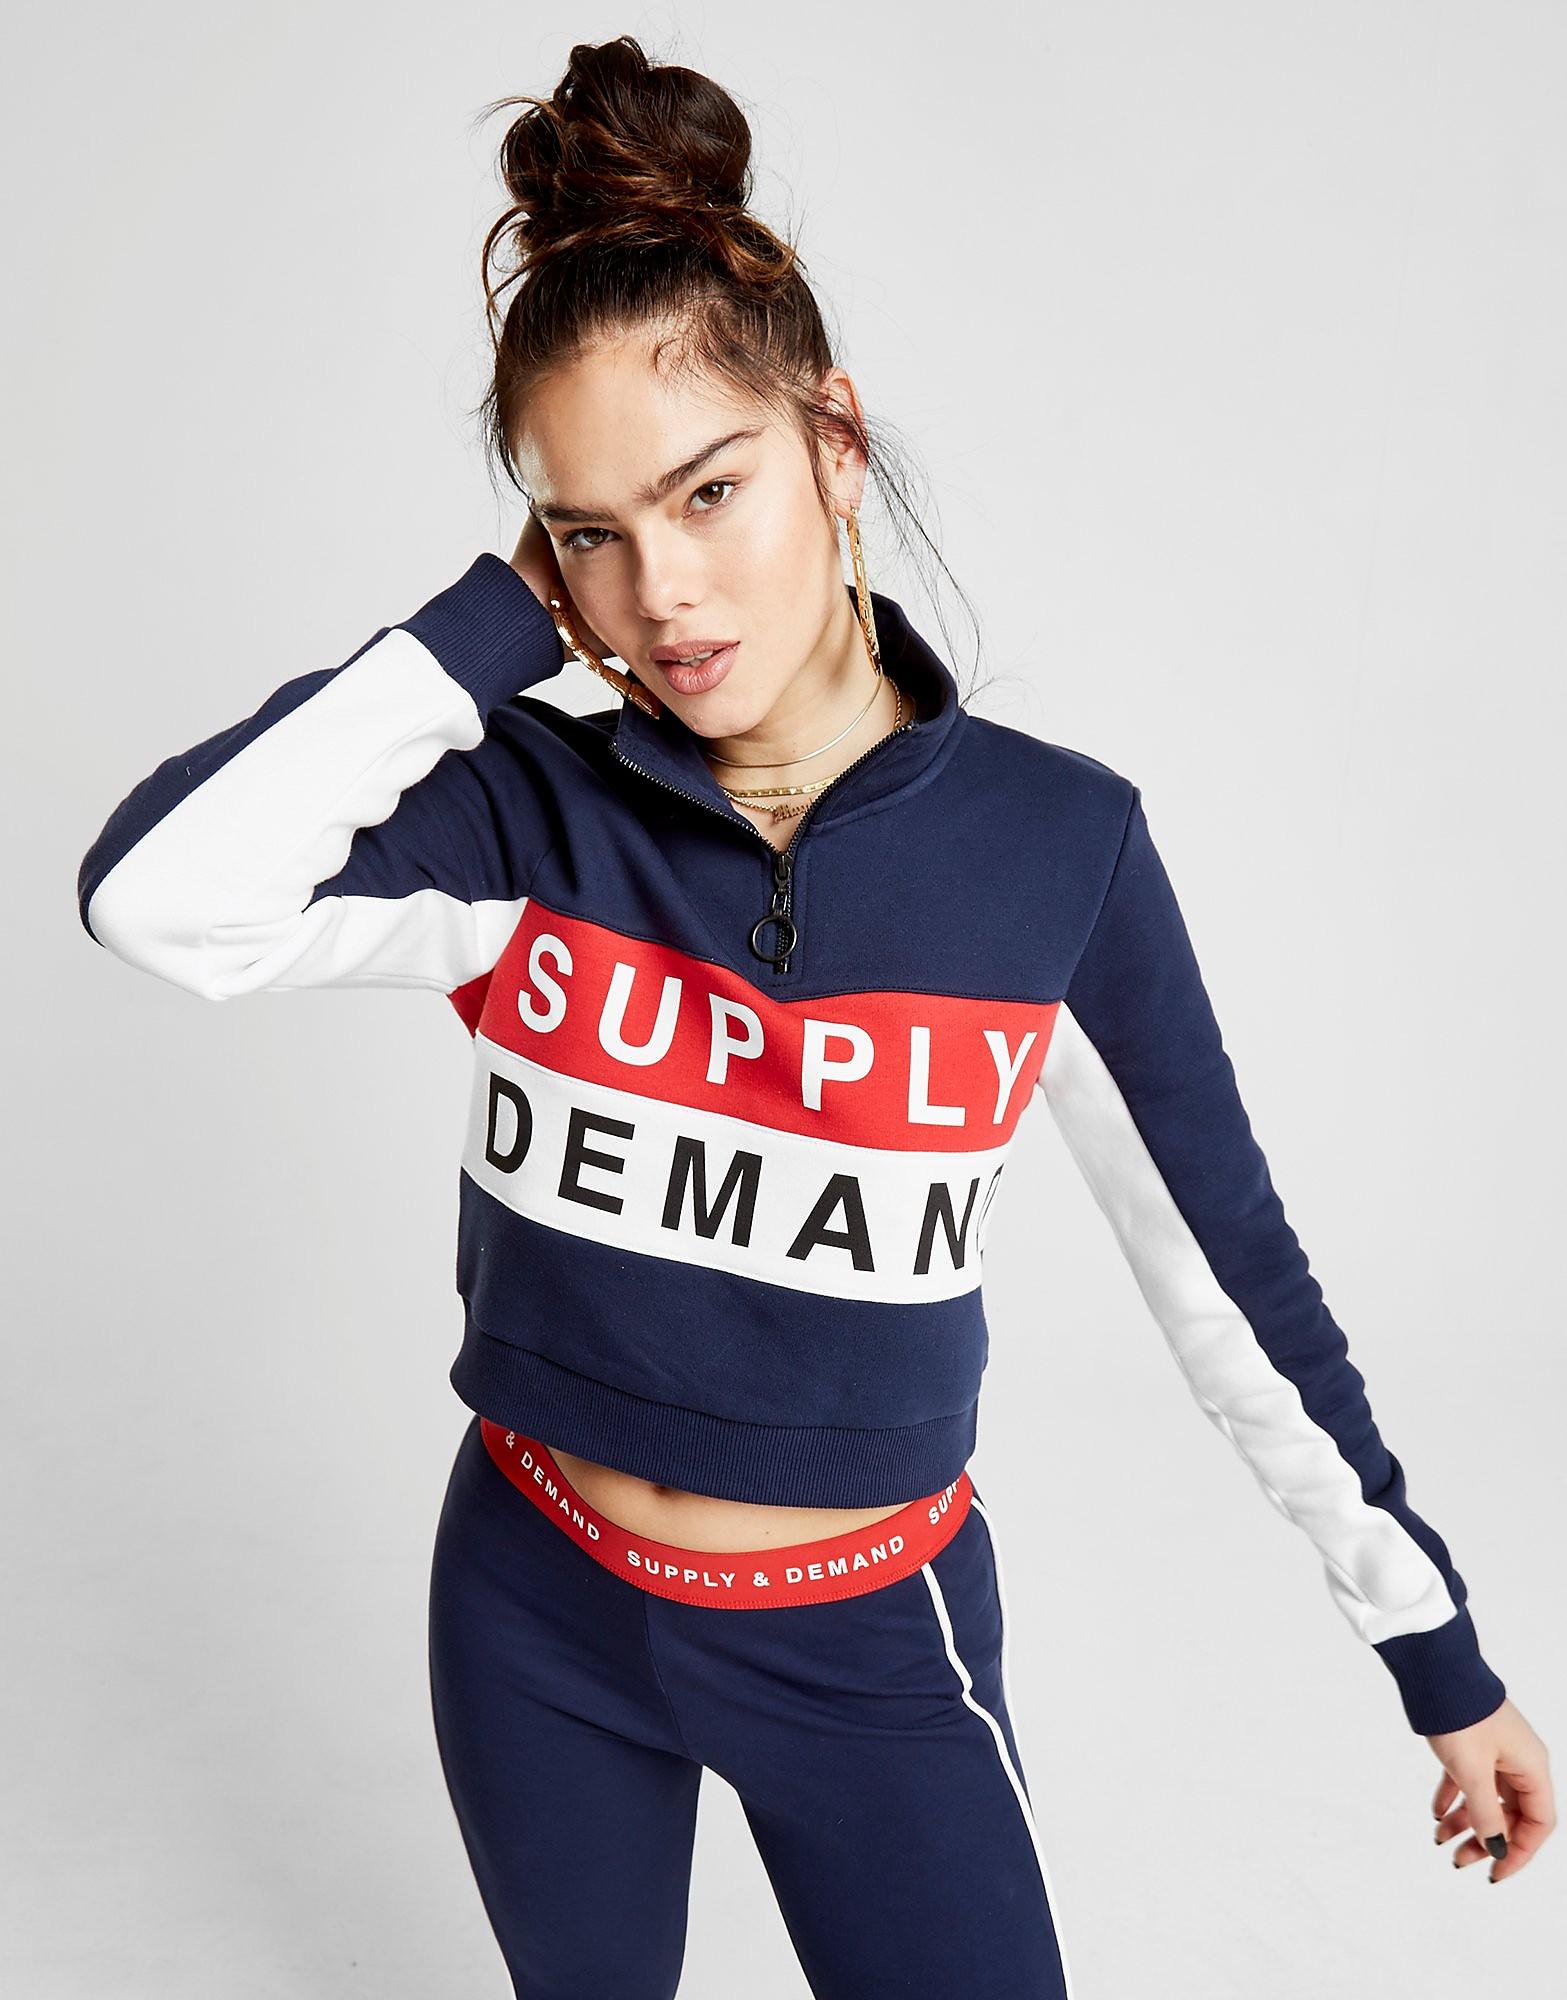 Supply & Demand Retro 1/2 Zip Crew Sweatshirt